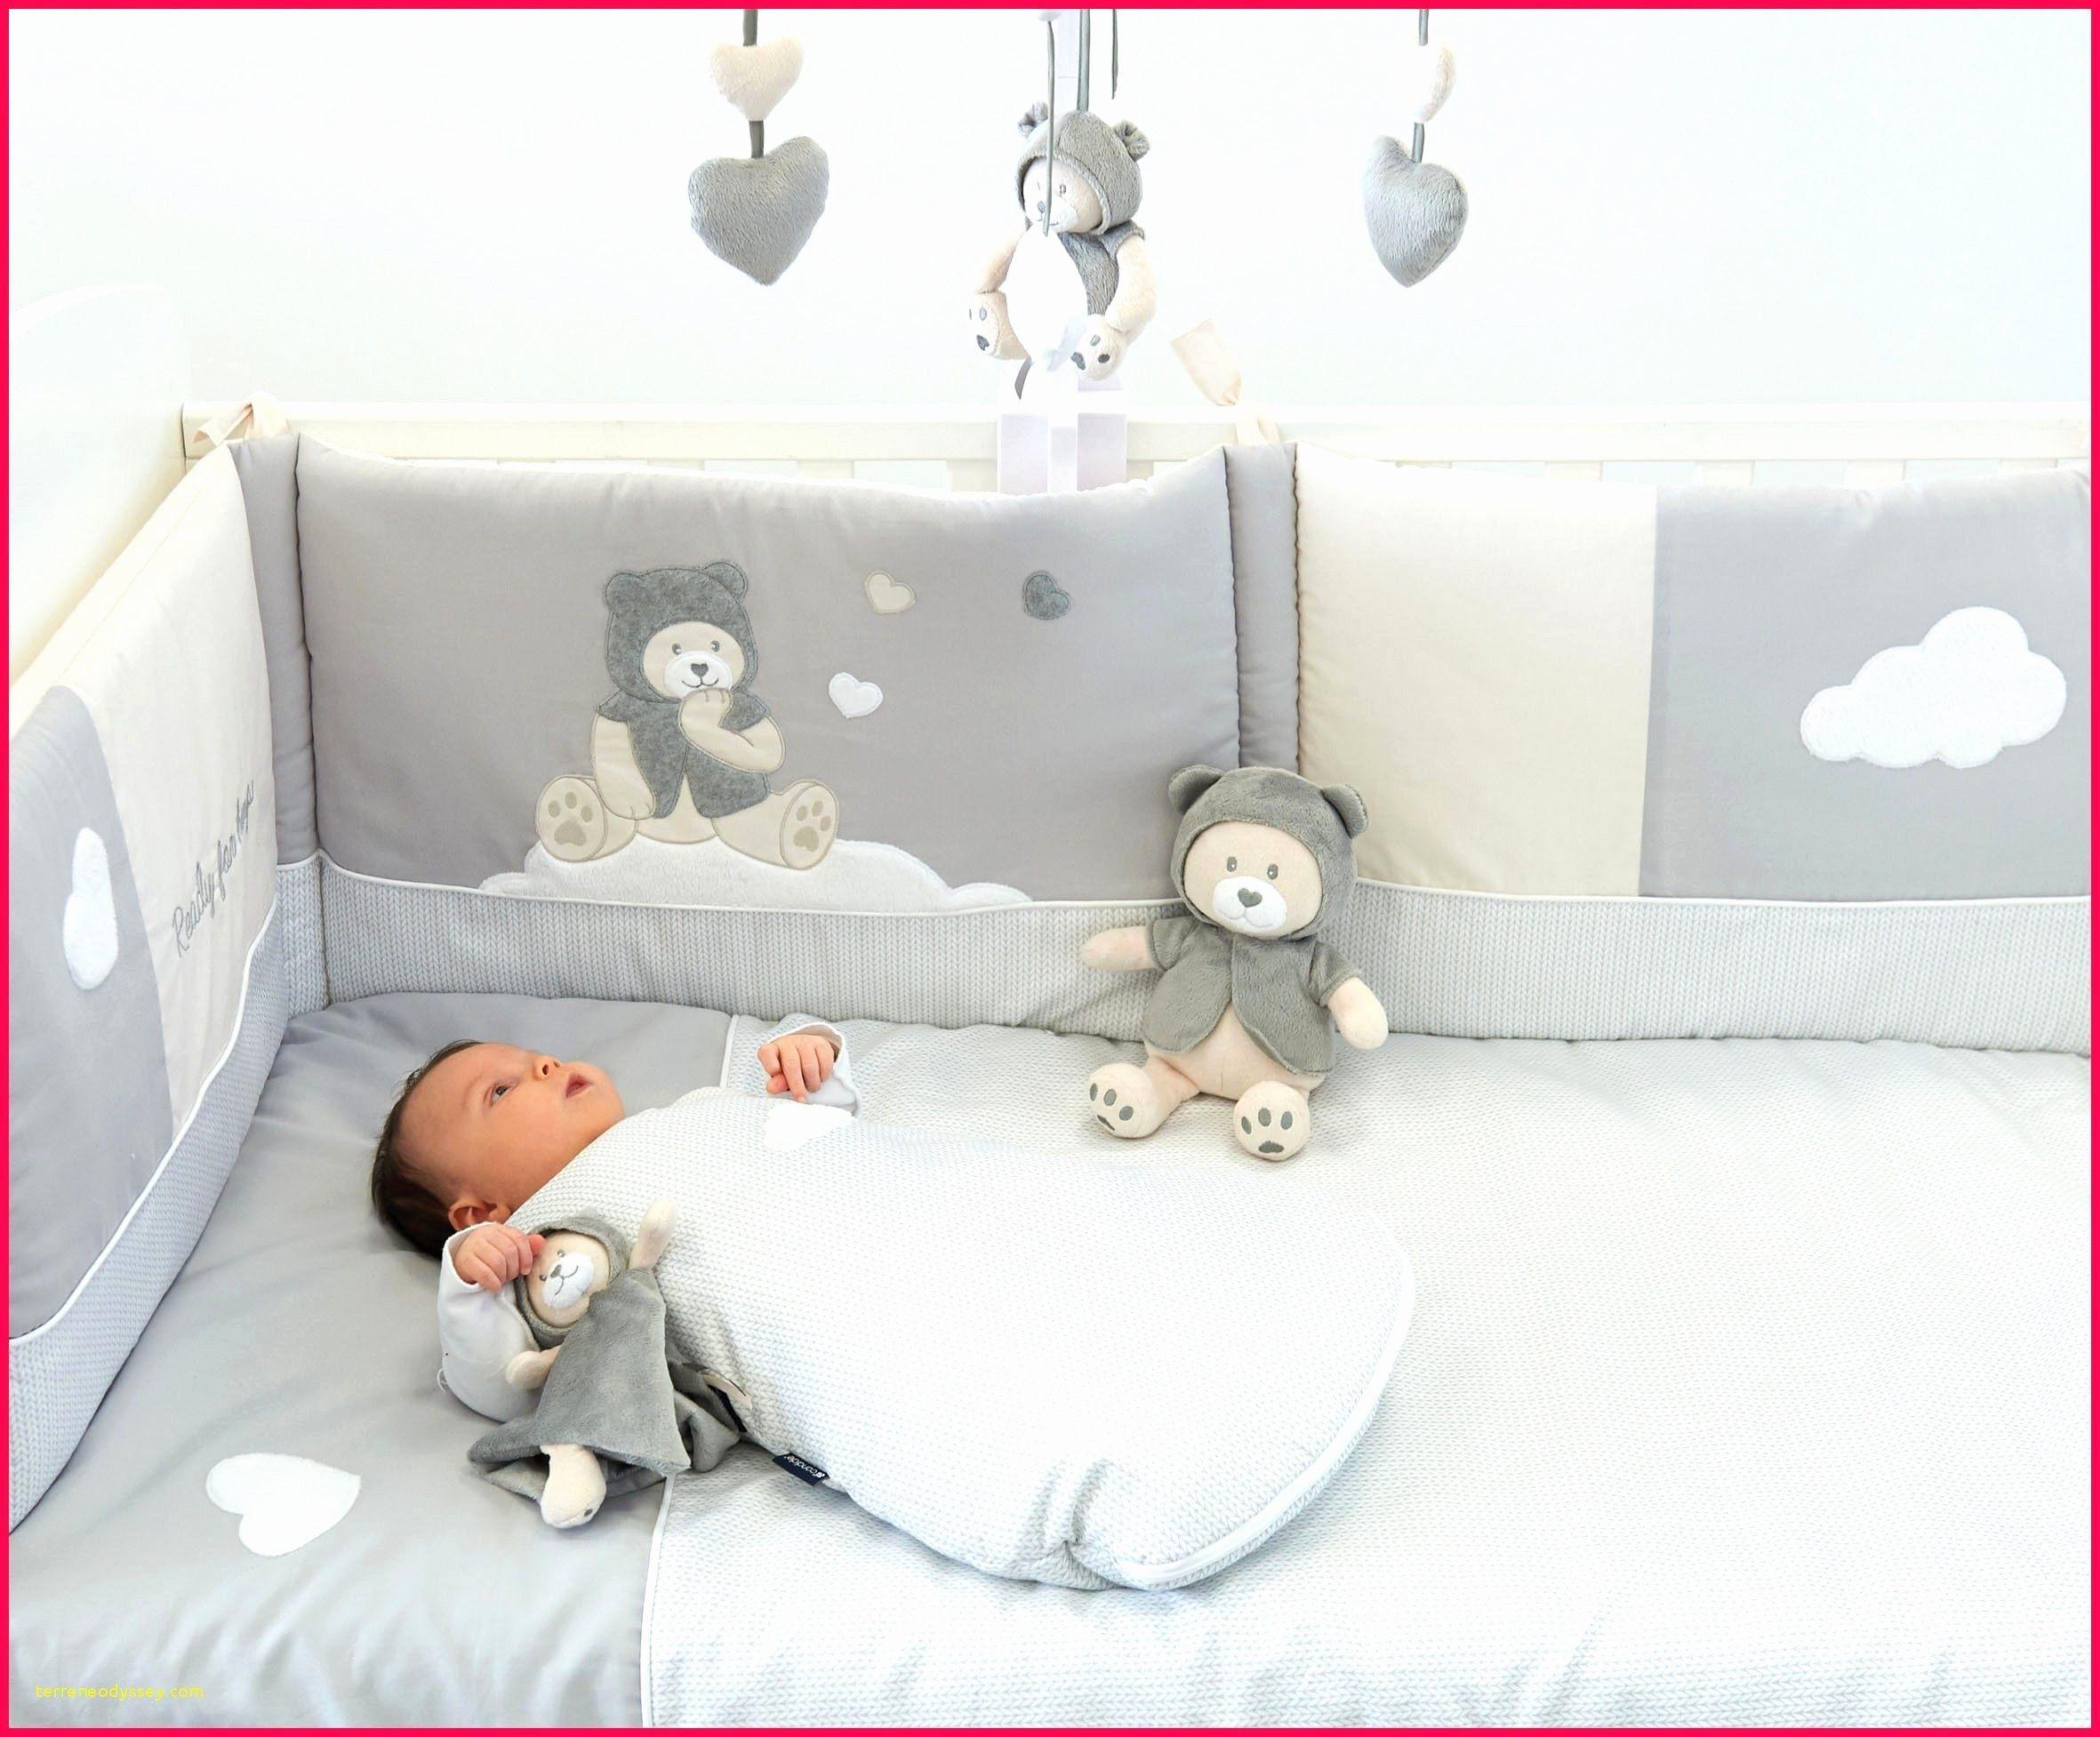 Lit Evolutif Pour Enfant Le Luxe Lit Evolutif Avec Matelas Impressionnant Lit Bebe Evolutif Avec